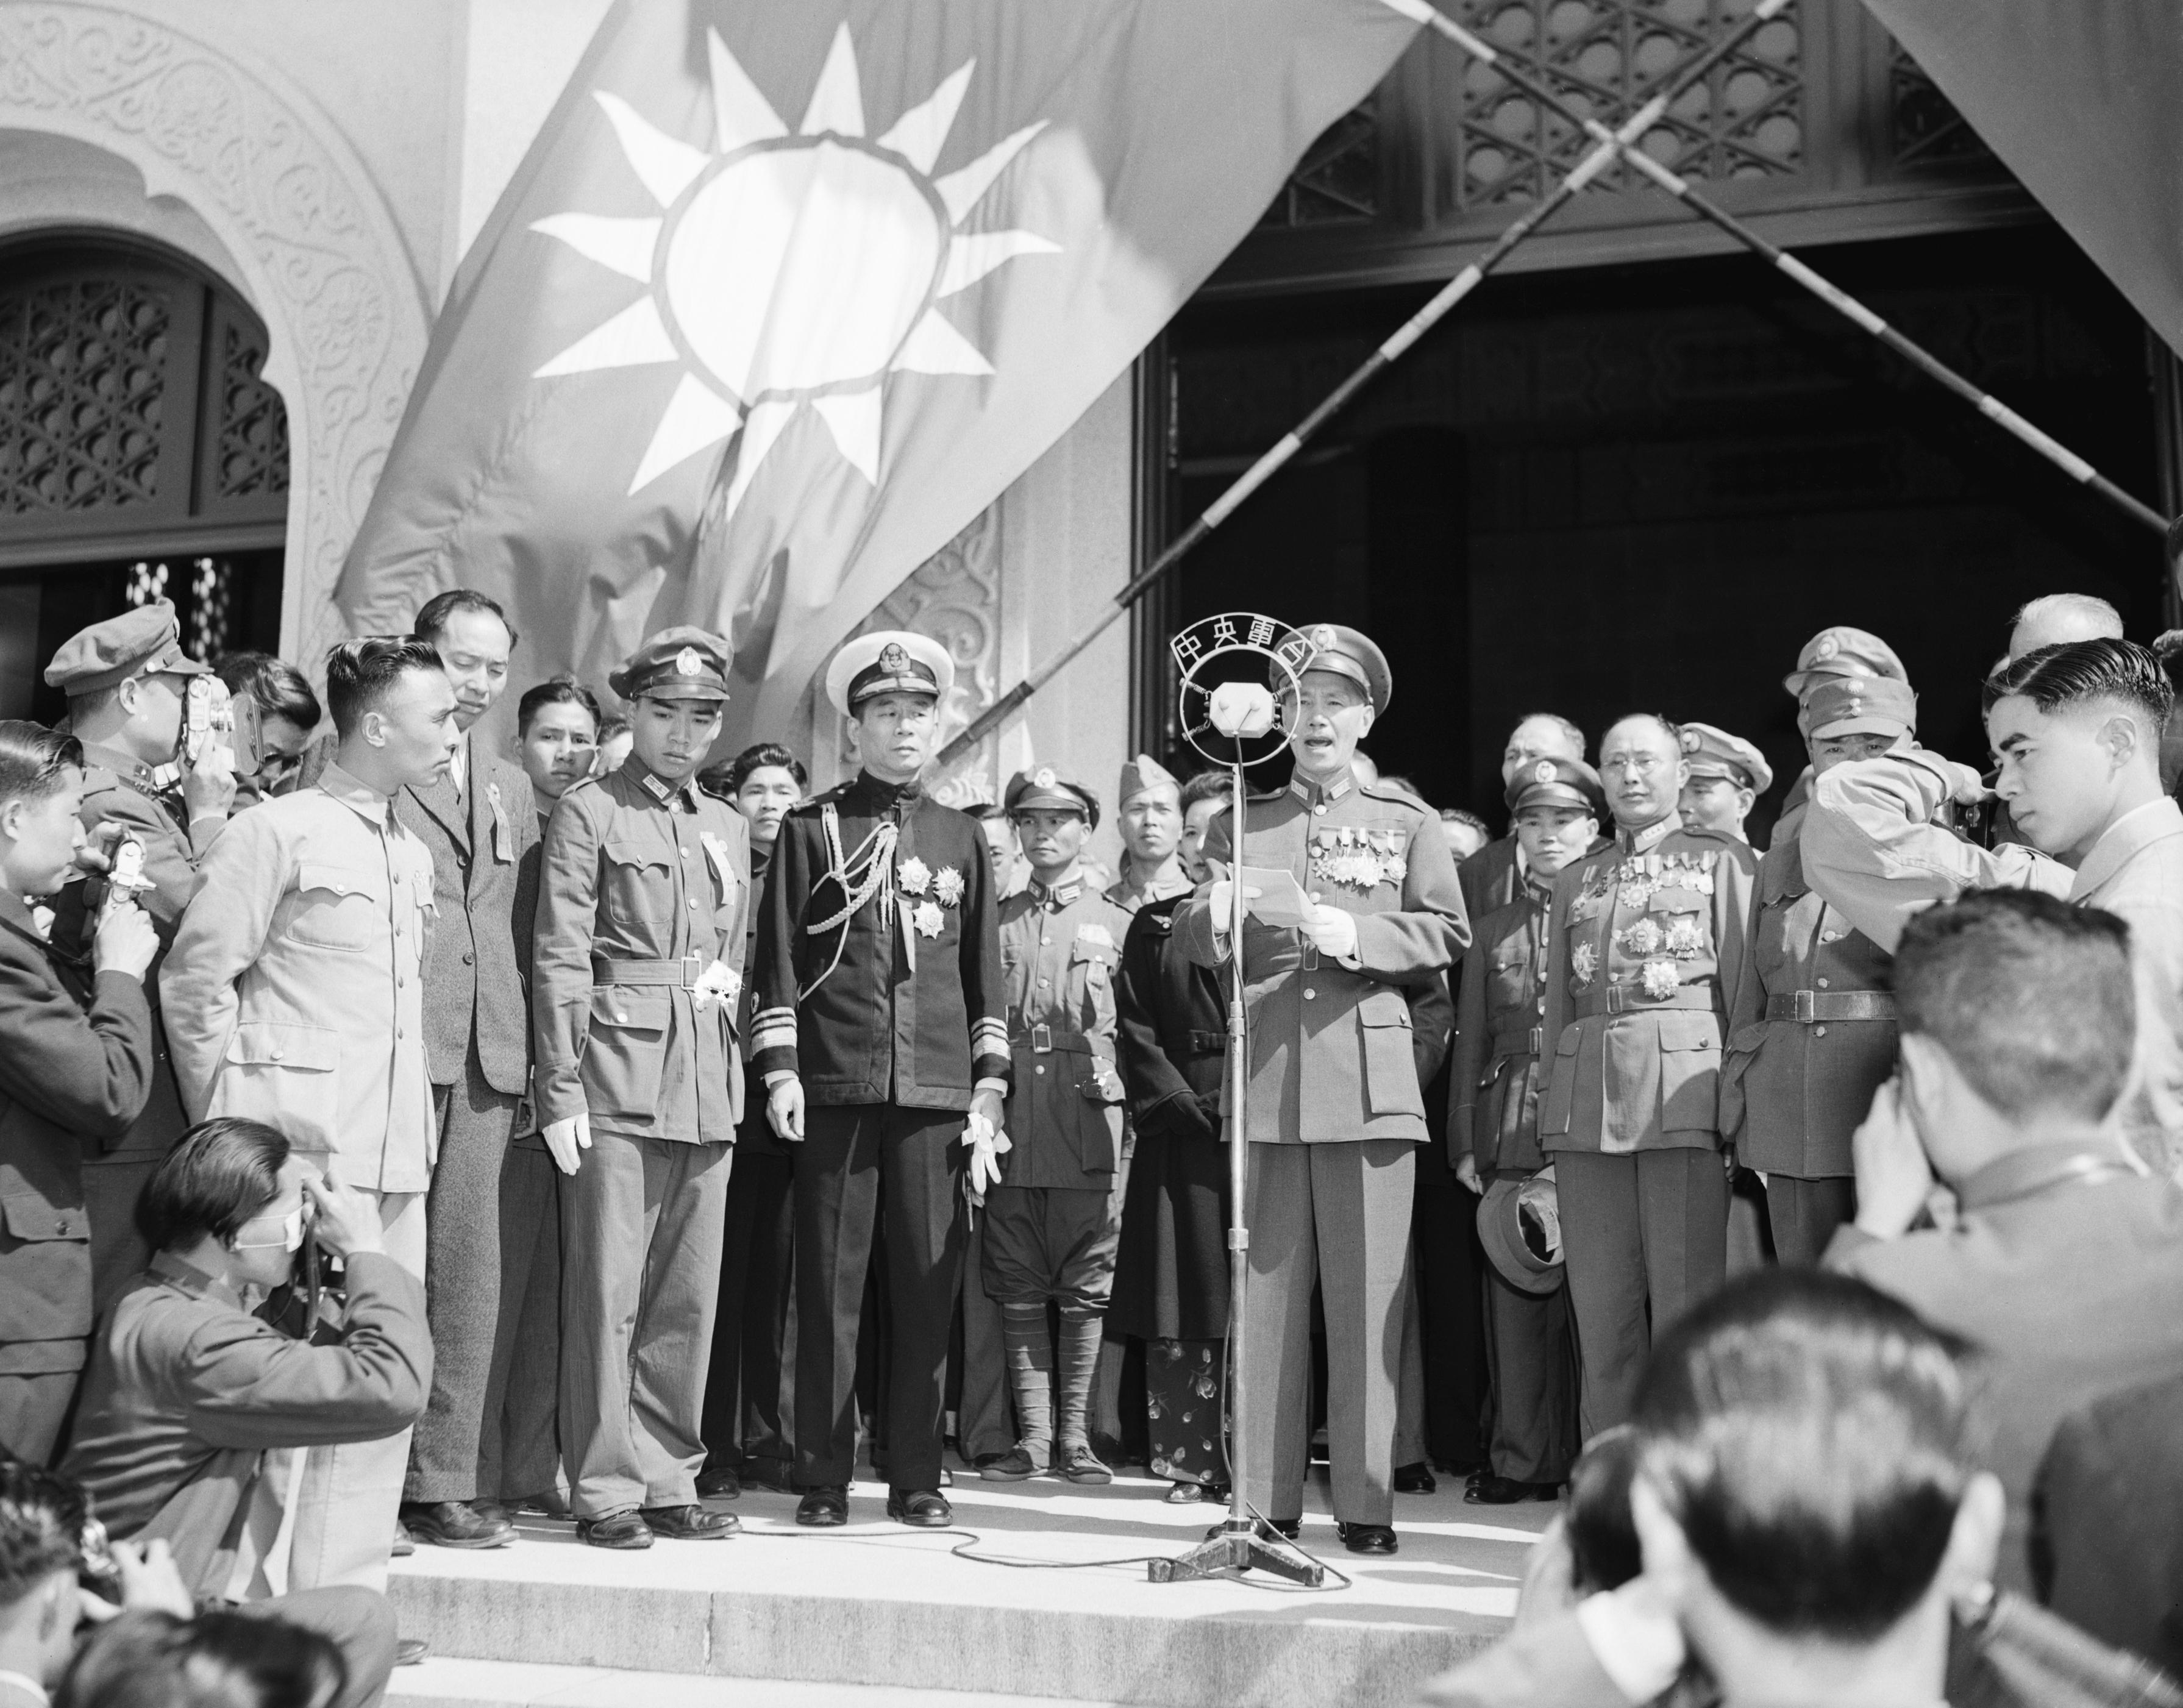 1946年中國南京,國民黨領導人蔣介石在孫中山墓前發表講話。